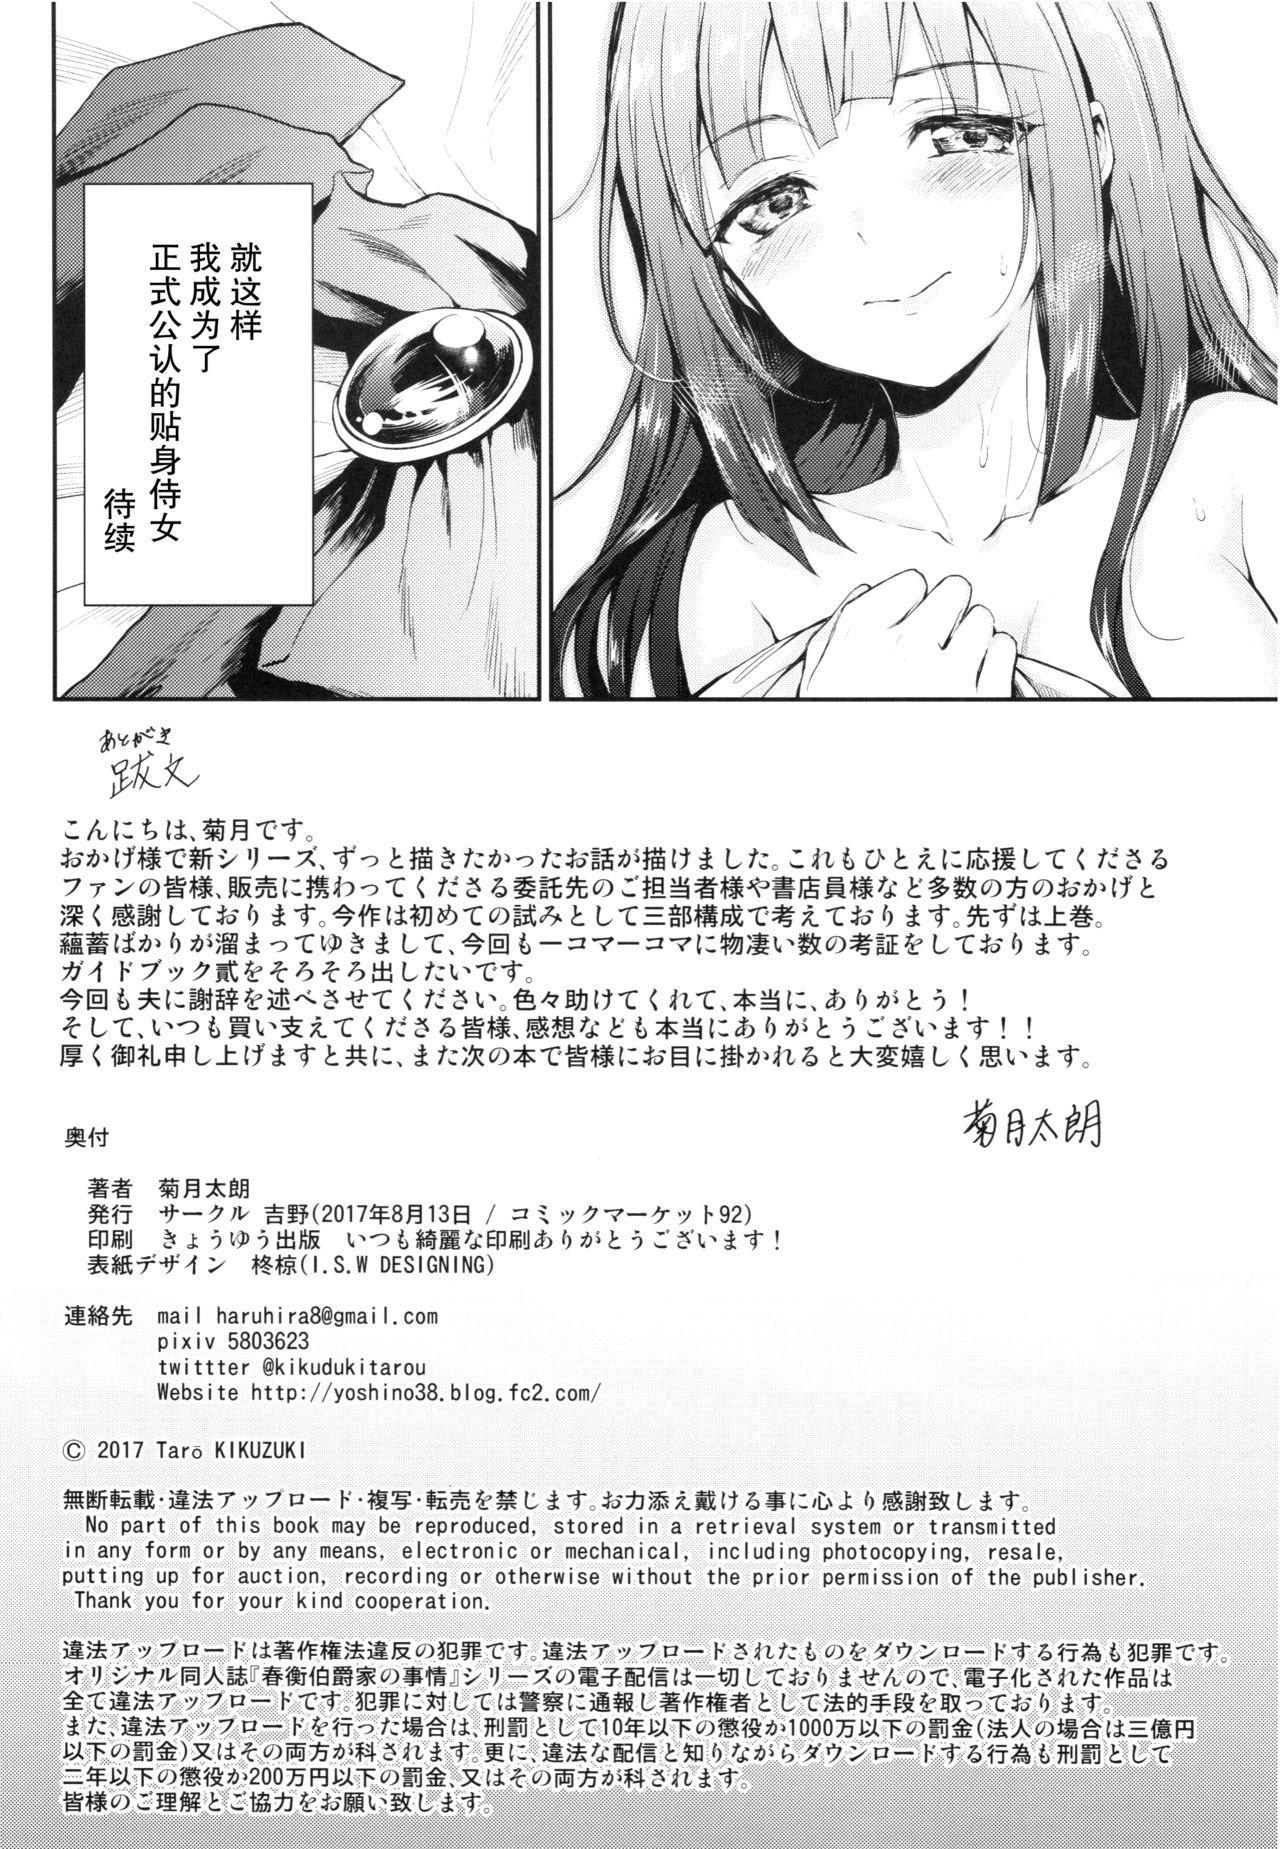 Haruhira Hakushaku-ke no Jijou Go 32